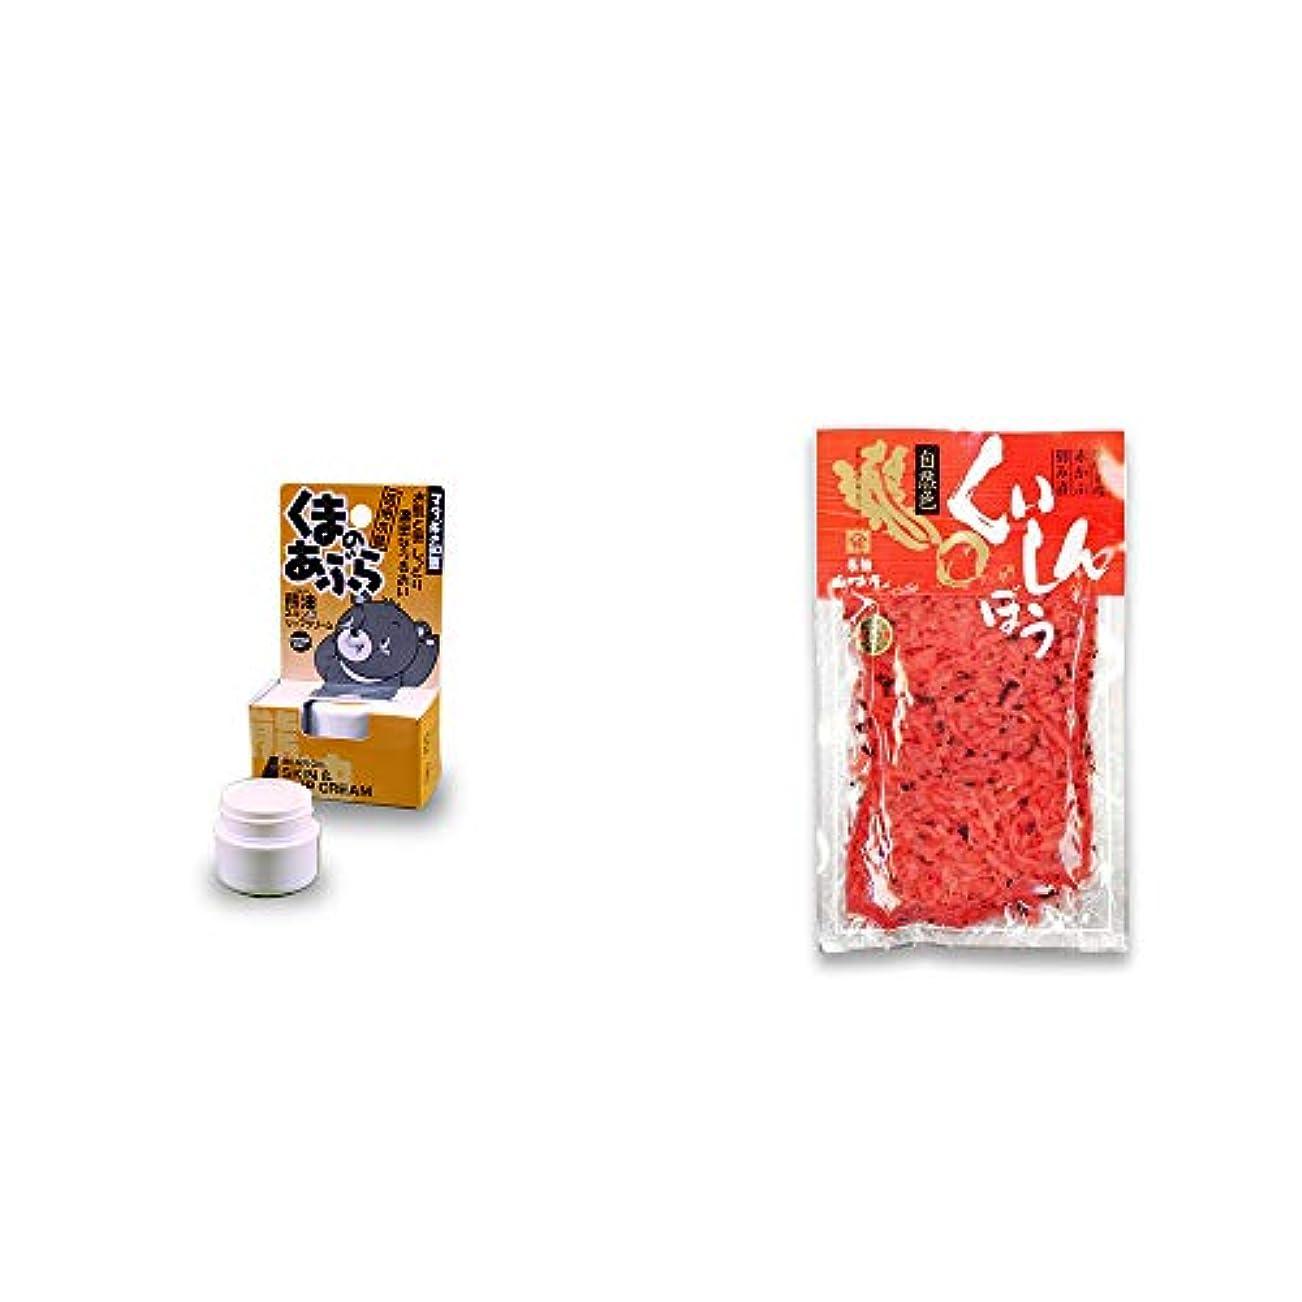 ウガンダ旧正月こねる[2点セット] 信州木曽 くまのあぶら 熊油スキン&リップクリーム(9g)?飛騨山味屋 くいしんぼう【大】(260g) [赤かぶ刻み漬け]